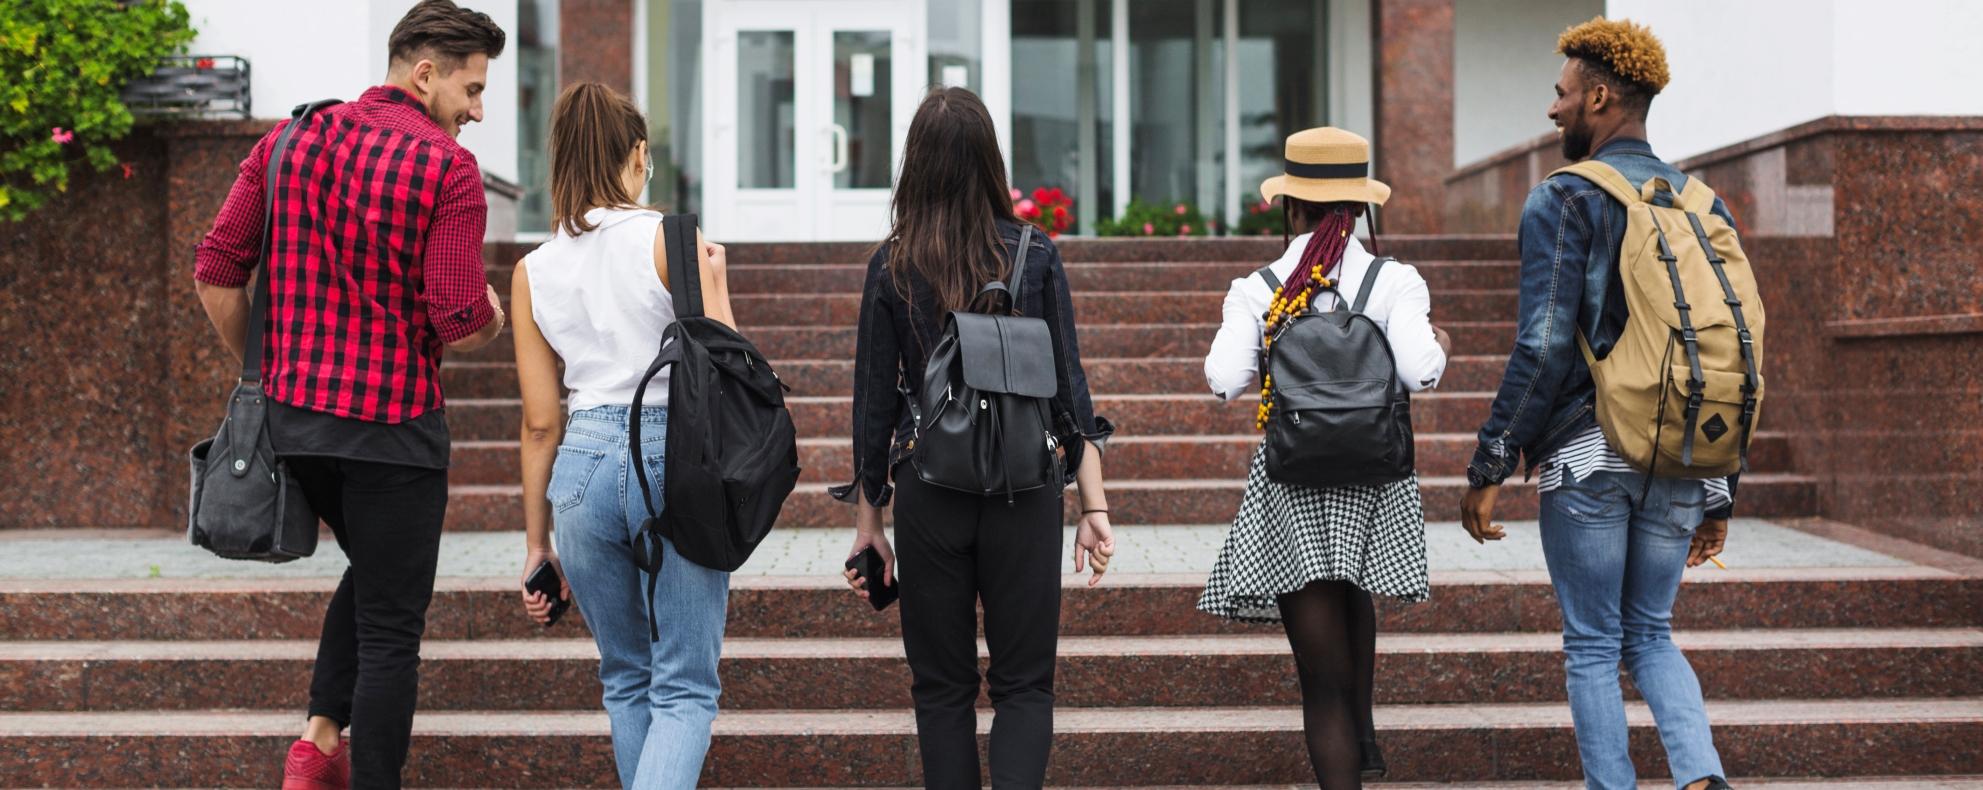 Átlátszó hátizsákok viselésére köteleznék a diákokat